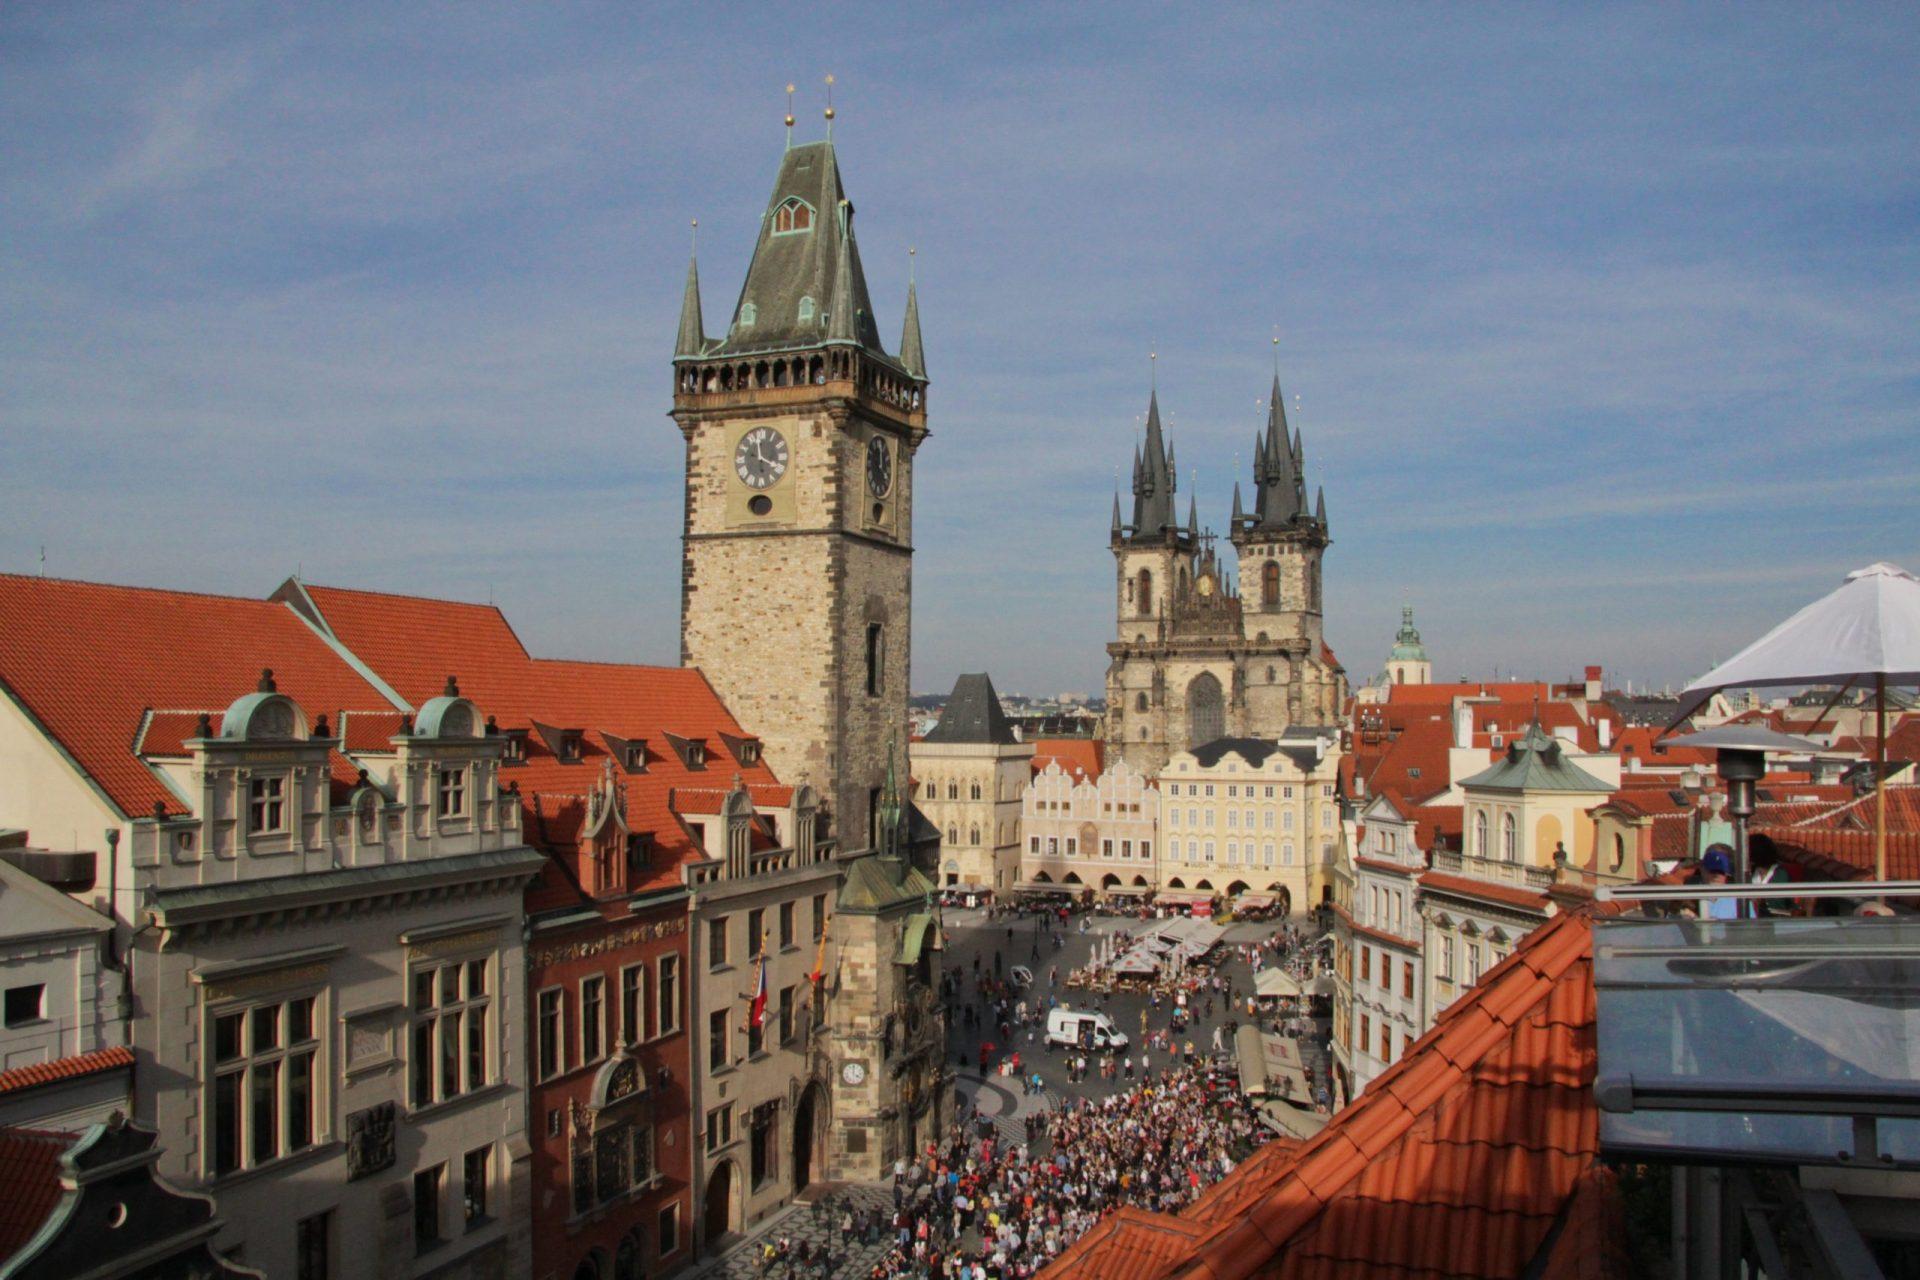 Староместская площадь, Прага, Чехия. Сентябрь, 2014